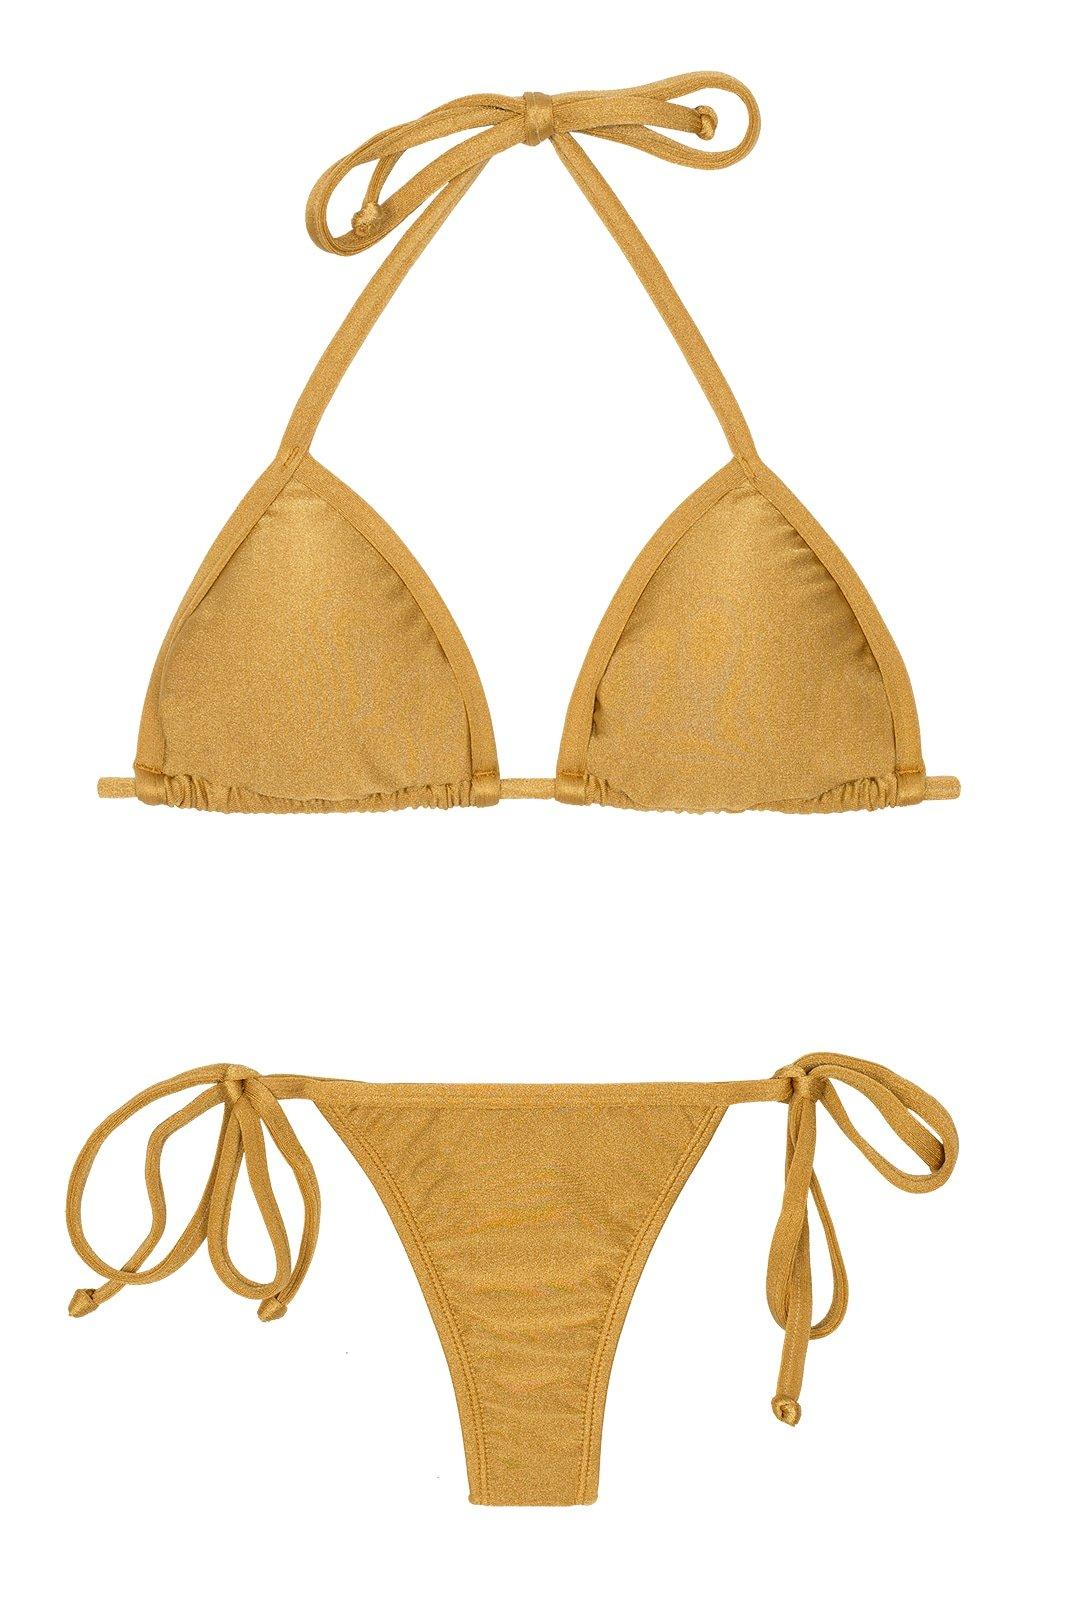 f75c682a4dec3 Gold Bikini With Tie-side Thong Bottoms - Gold Tri Micro - Rio de Sol